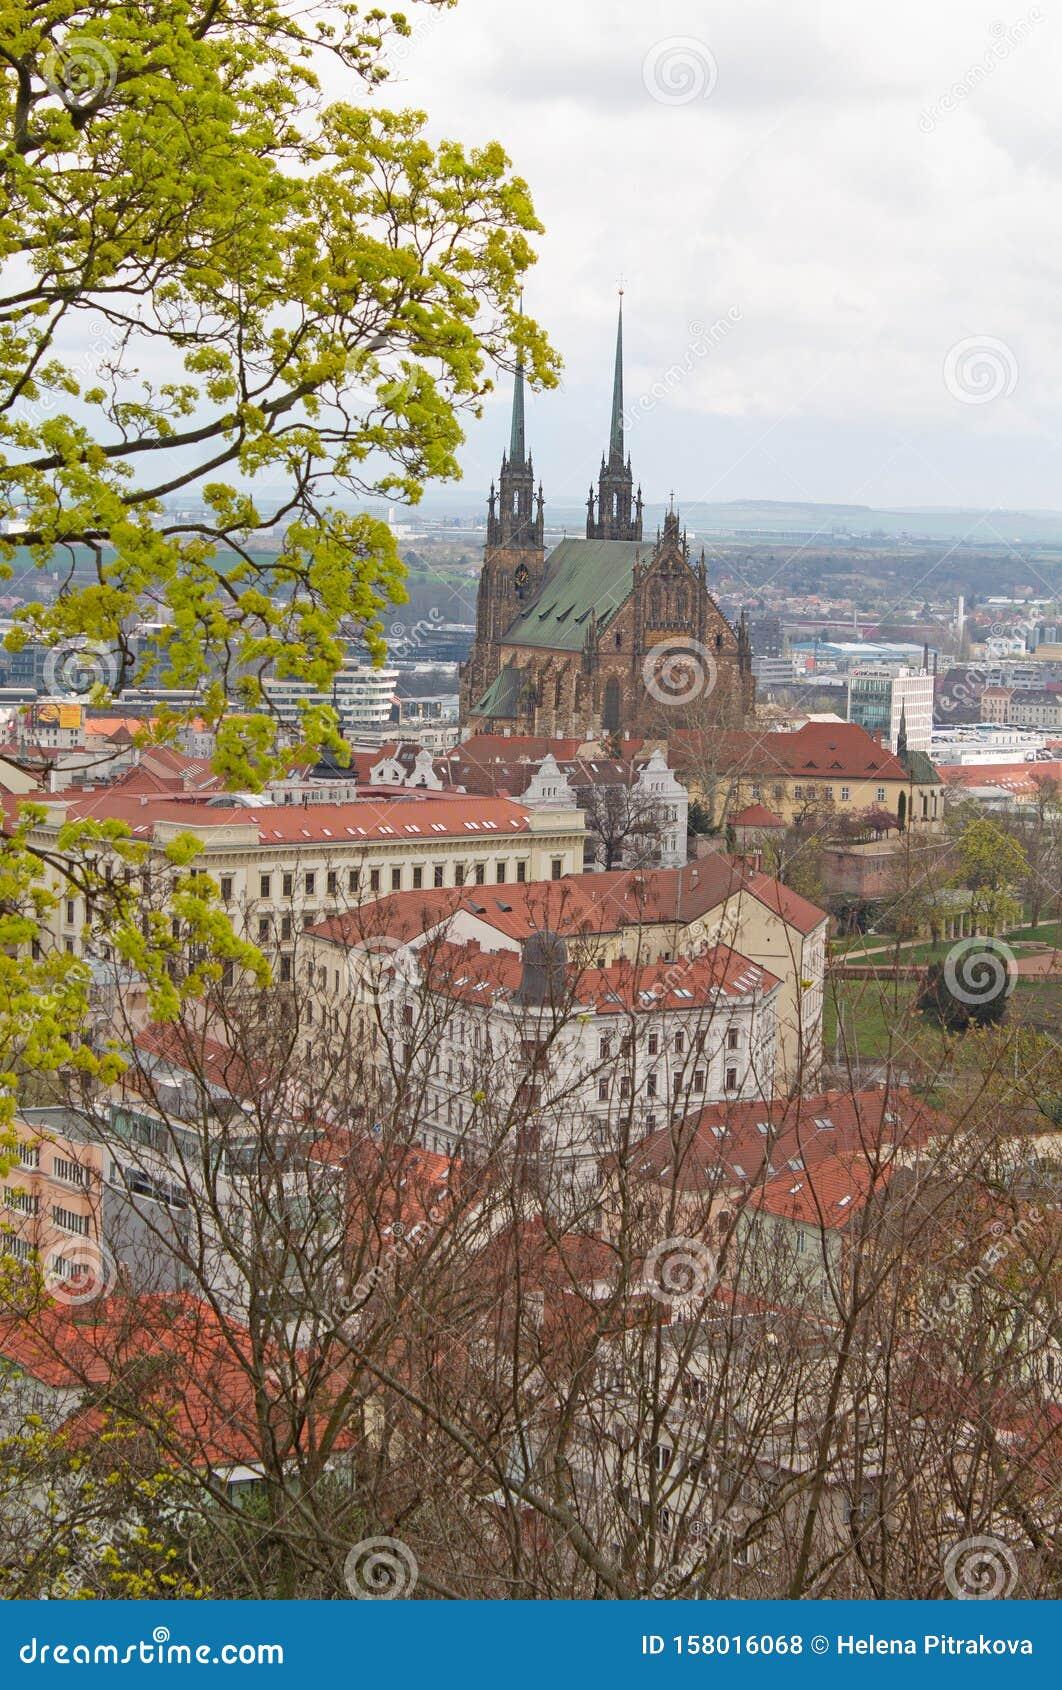 Českobratrský evangelický chrám Jana Amose Komenského in Brno city